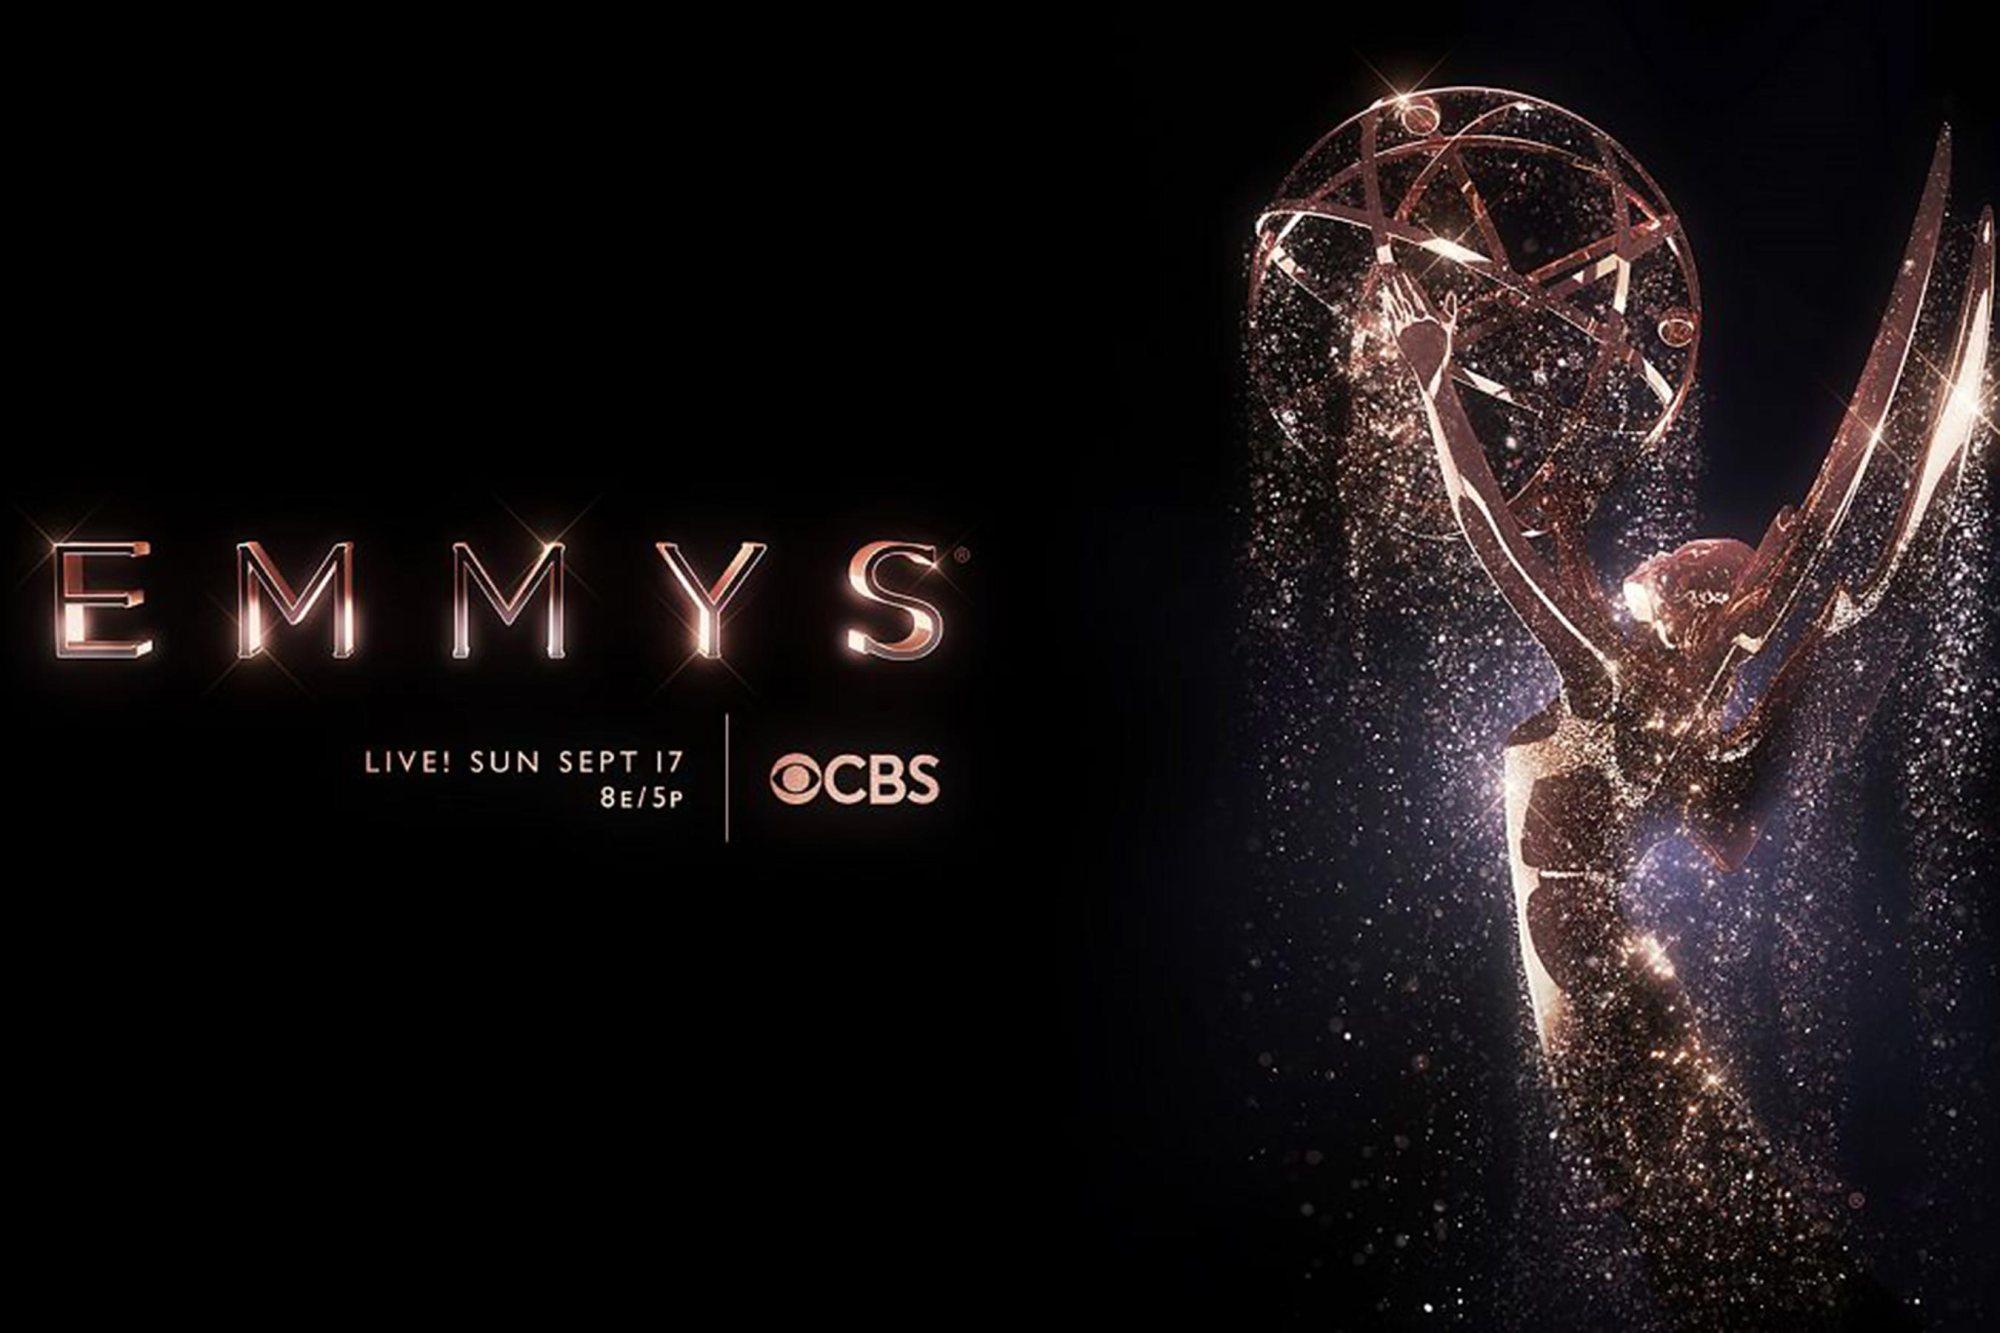 Lista de los ganadores de los Emmy 2017